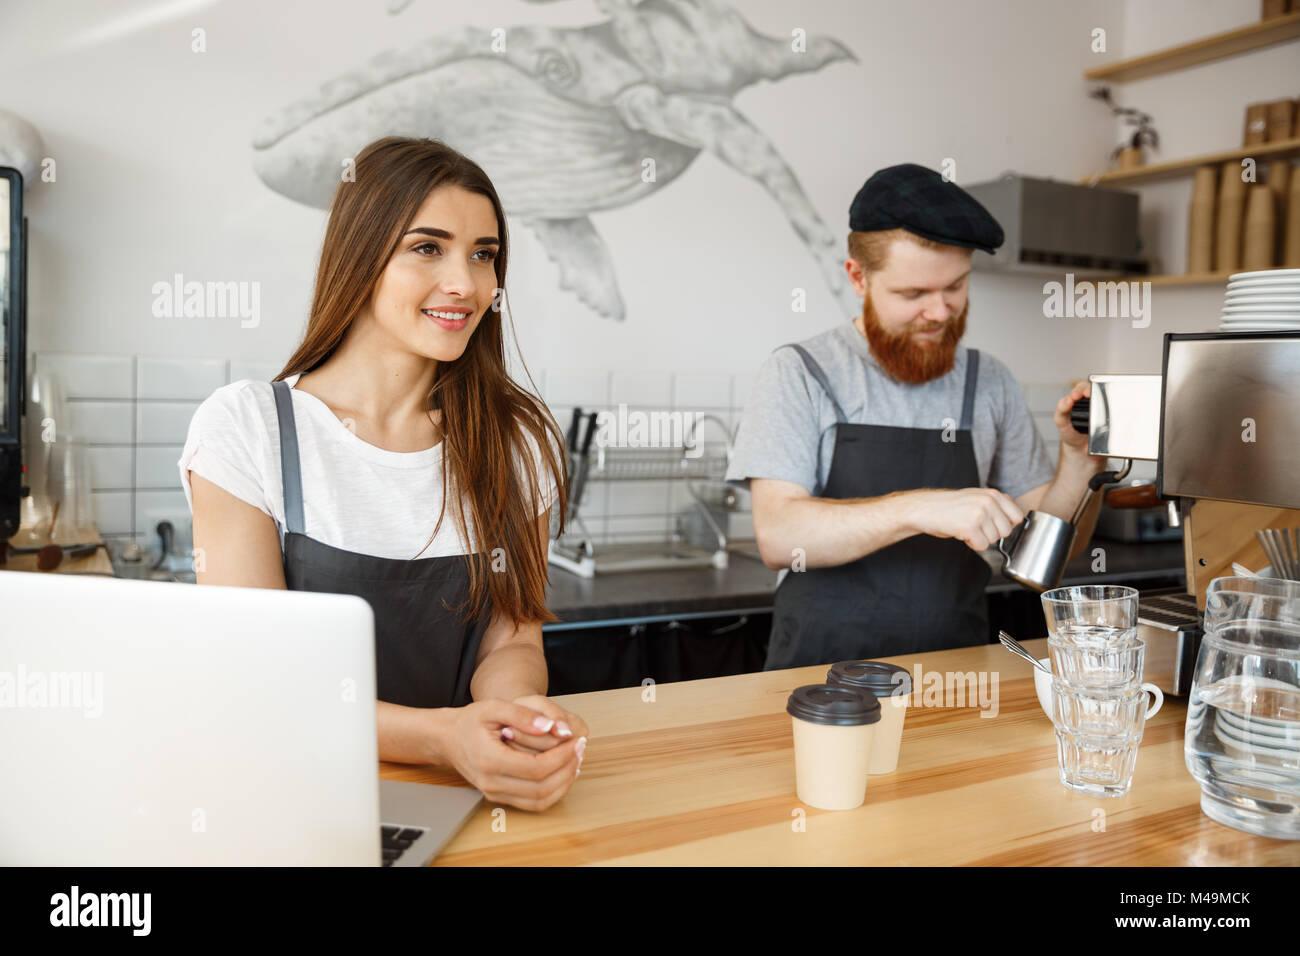 Caffè il concetto di Business - Positivo giovane uomo barbuto e bella attraente dama barista giovane amano Immagini Stock